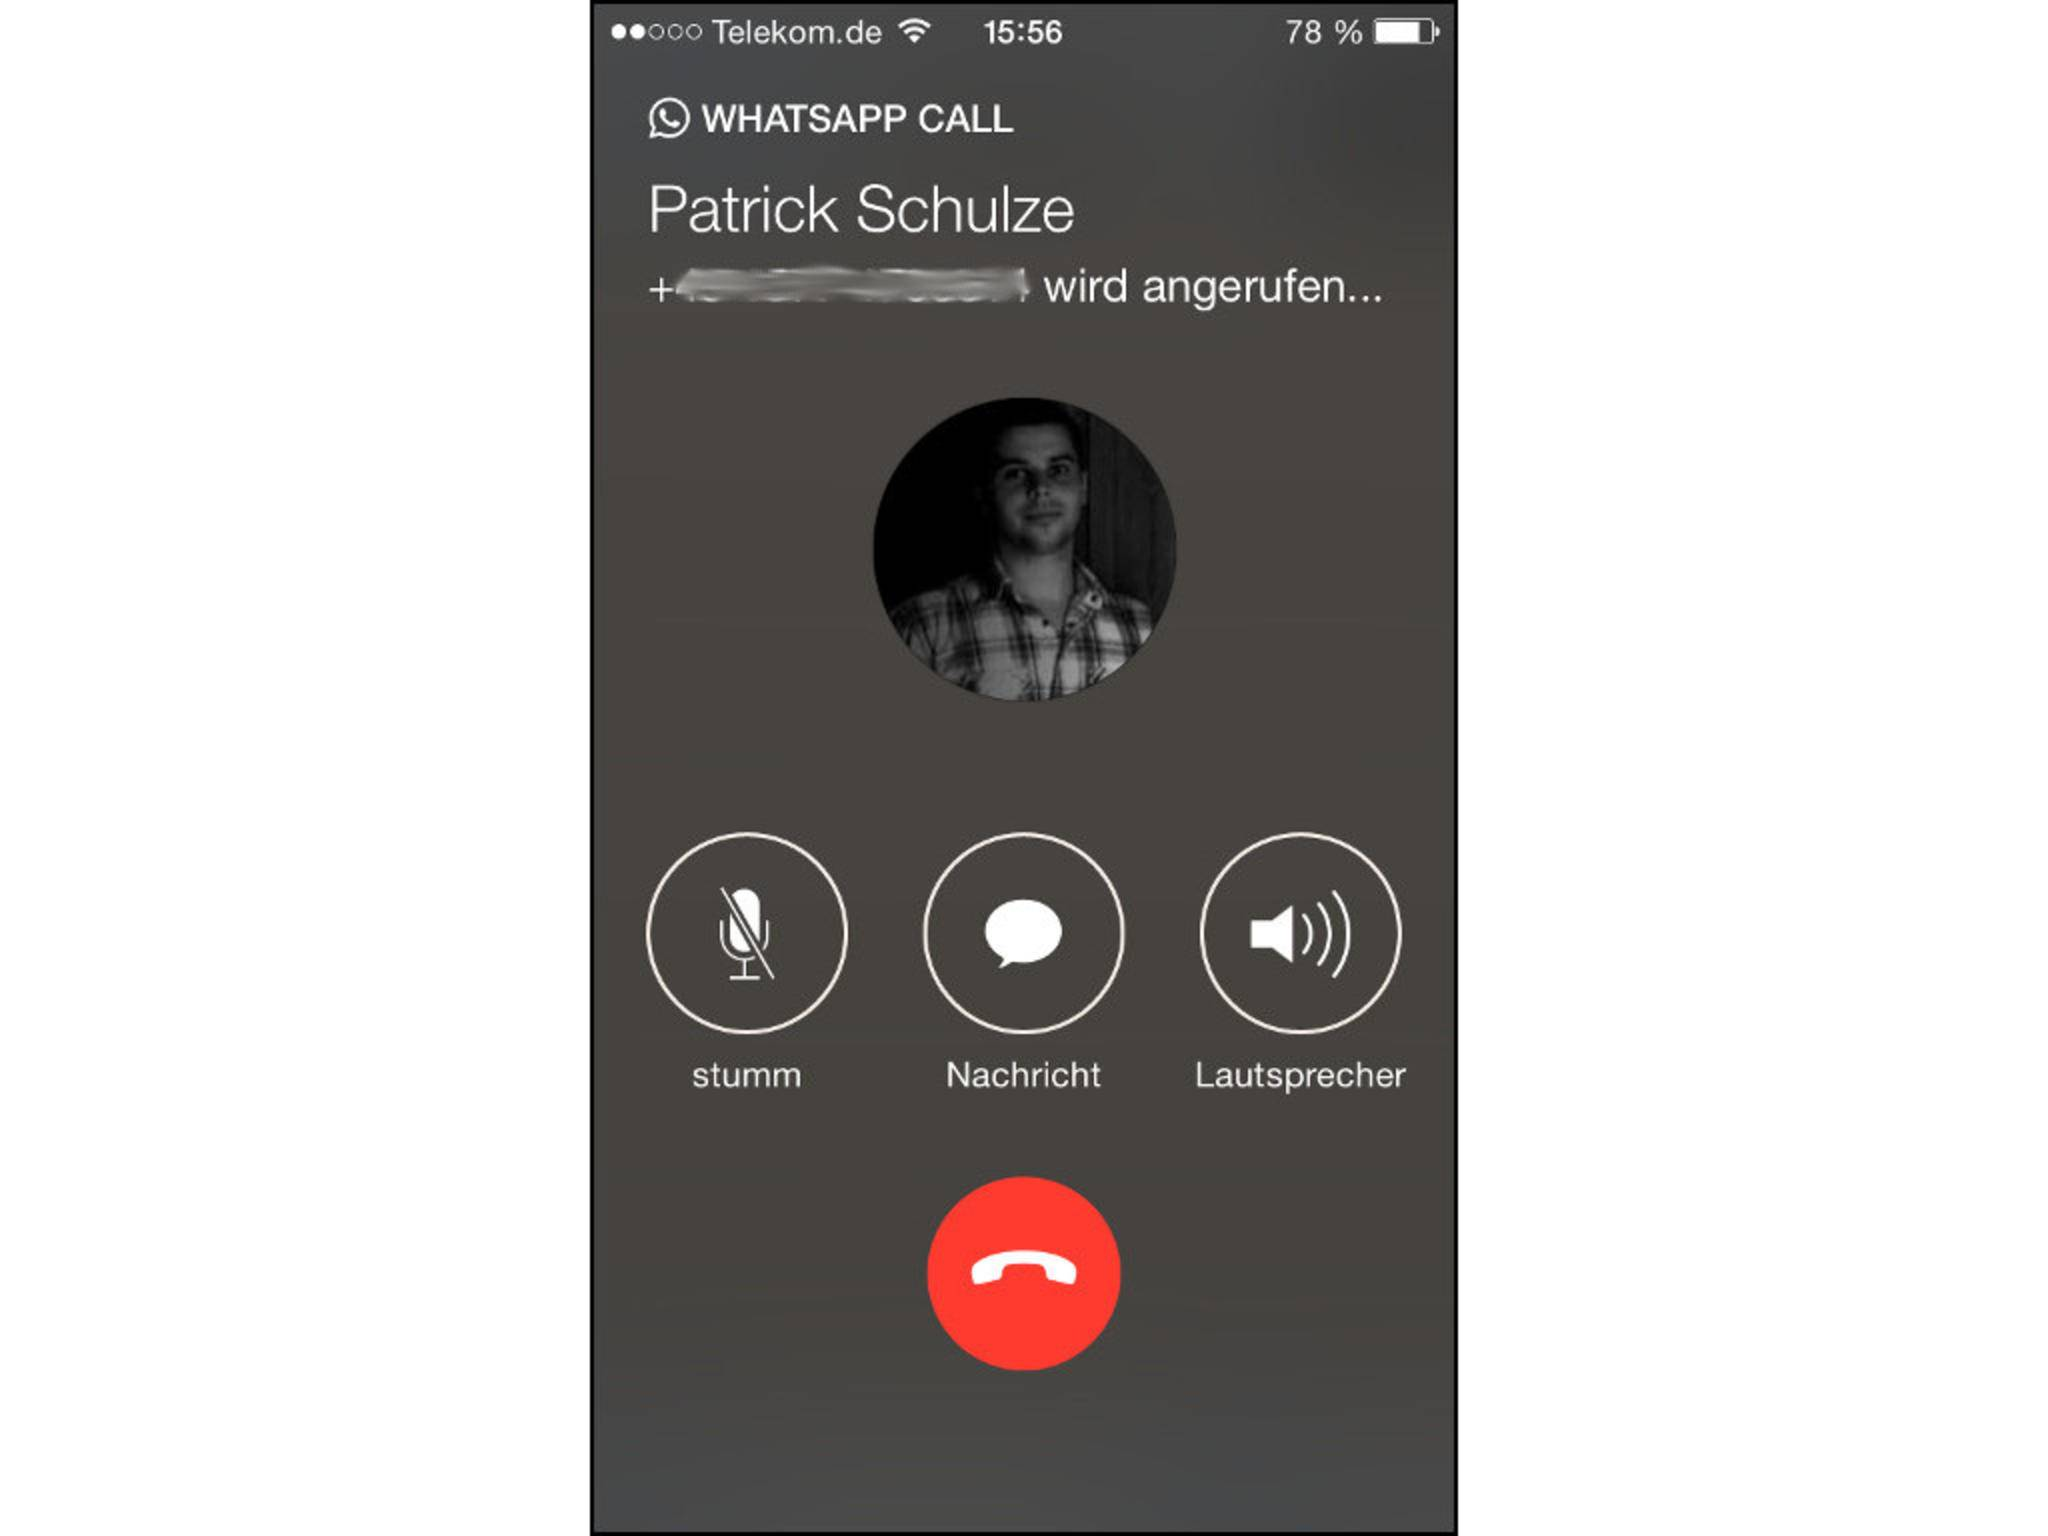 Das Anrufen klappt ganz einfach aus der App heraus.